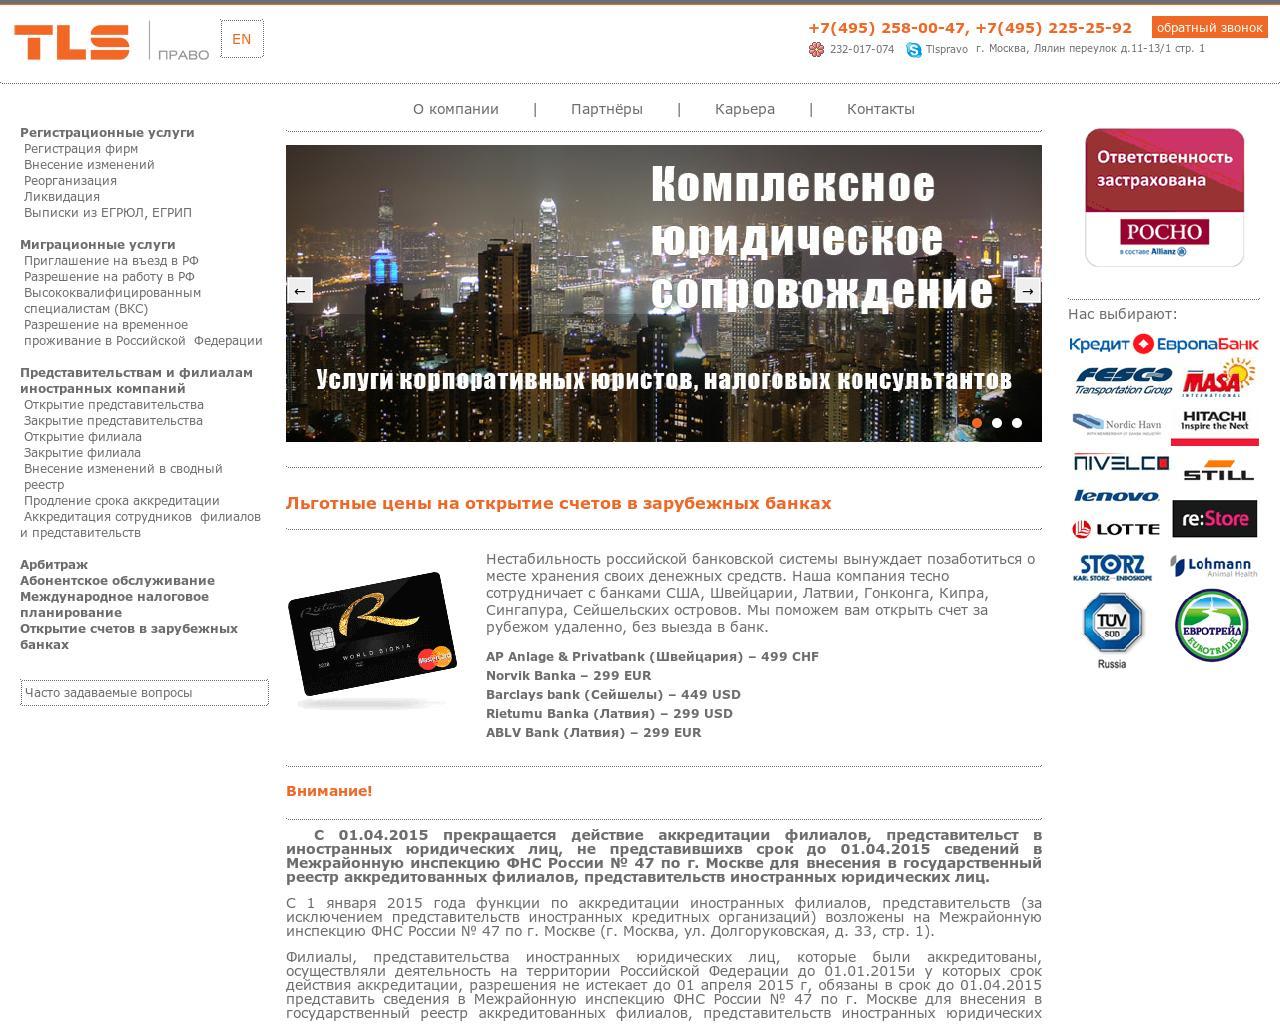 представительства и филиалы иностранных банков представлялось полным